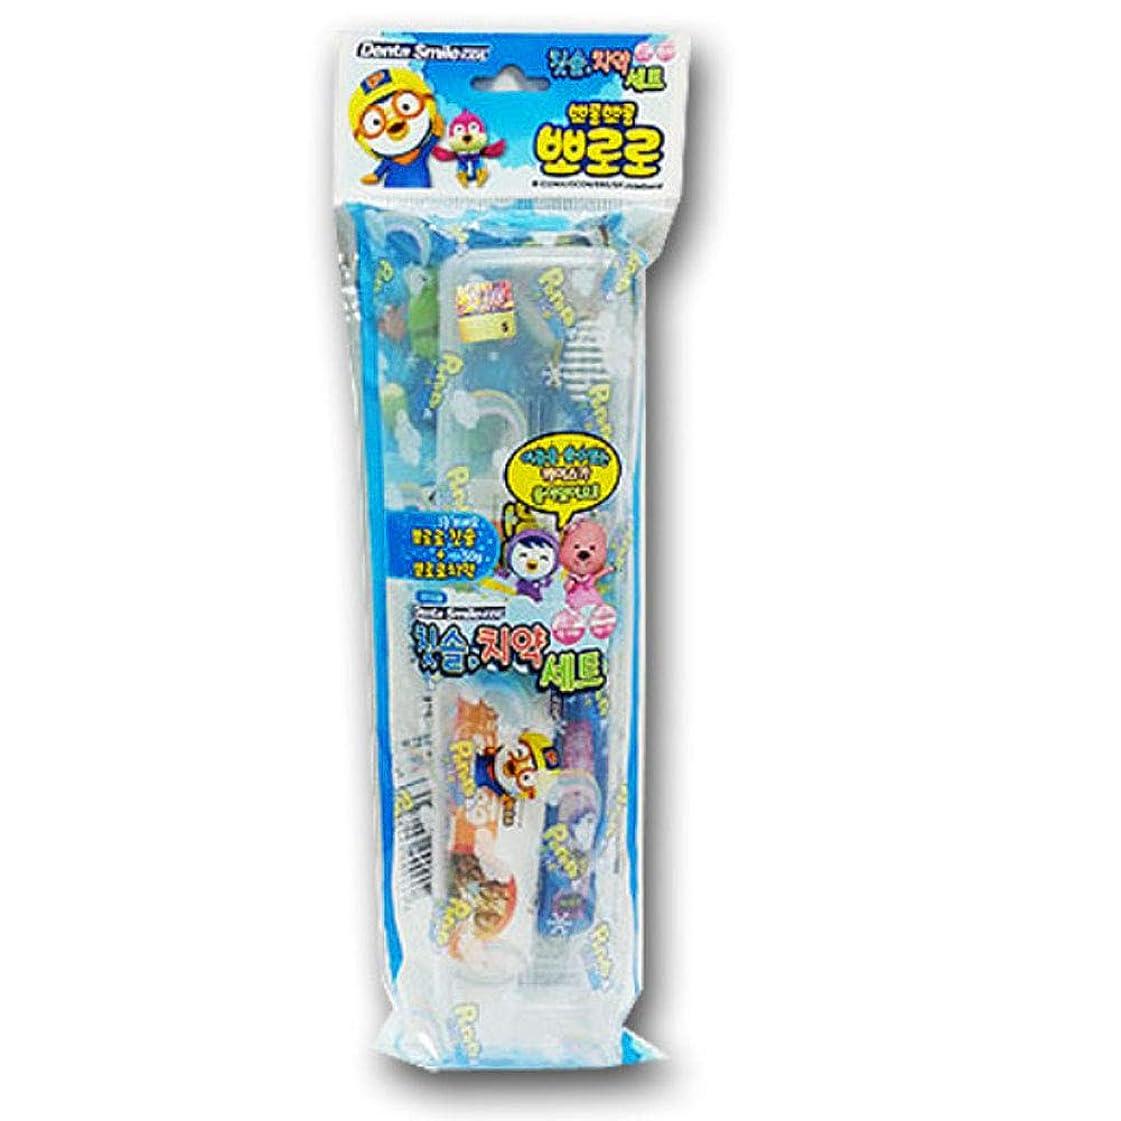 怠ジェーンオースティンハンバーガーPororo&Friendsポータブル歯磨き粉歯ブラシセットパイナップル香50g.